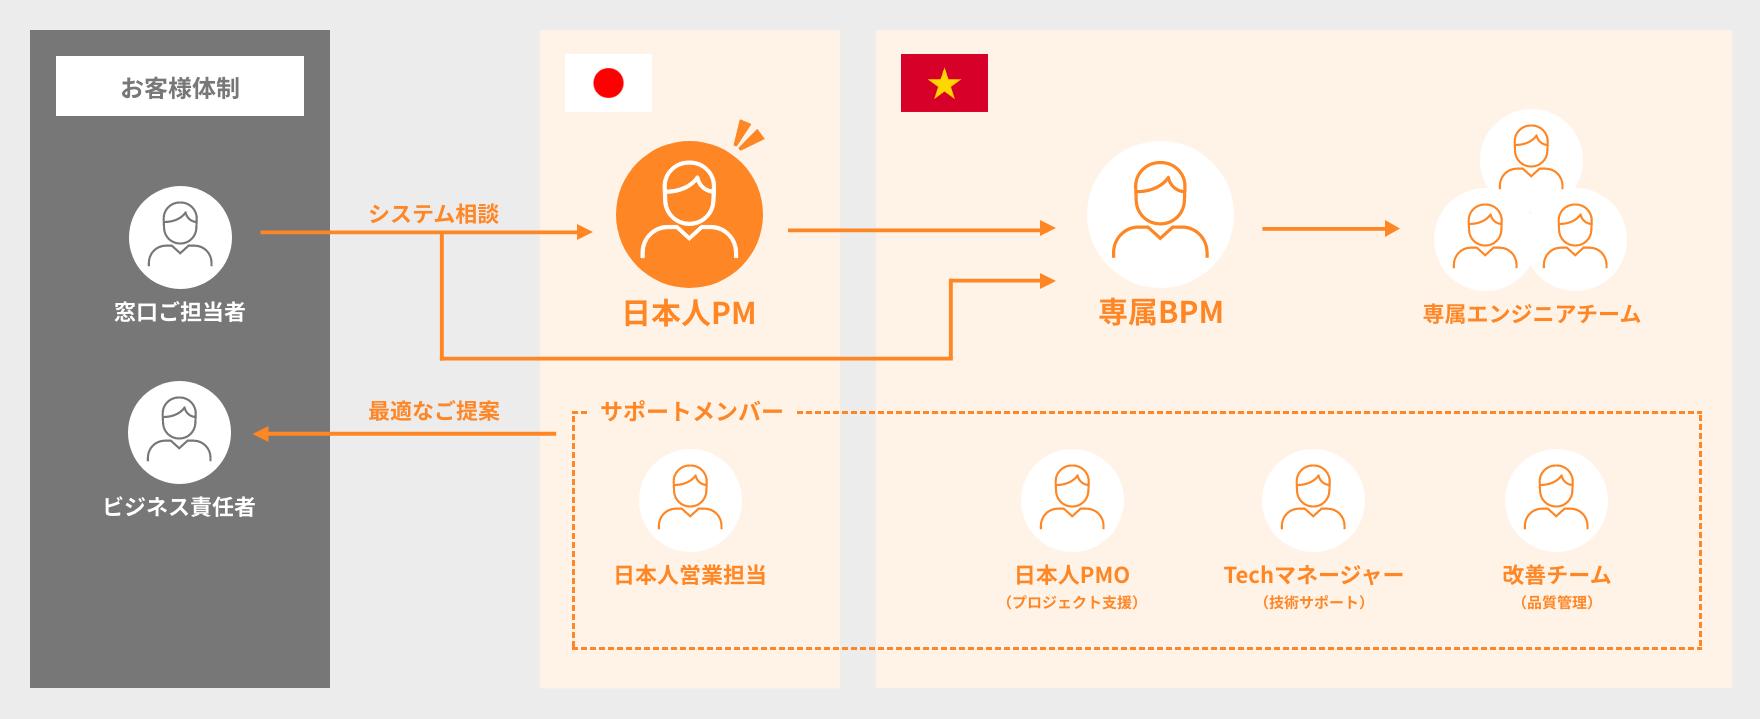 日本・ベトナムで上流工程を支える日本人PM